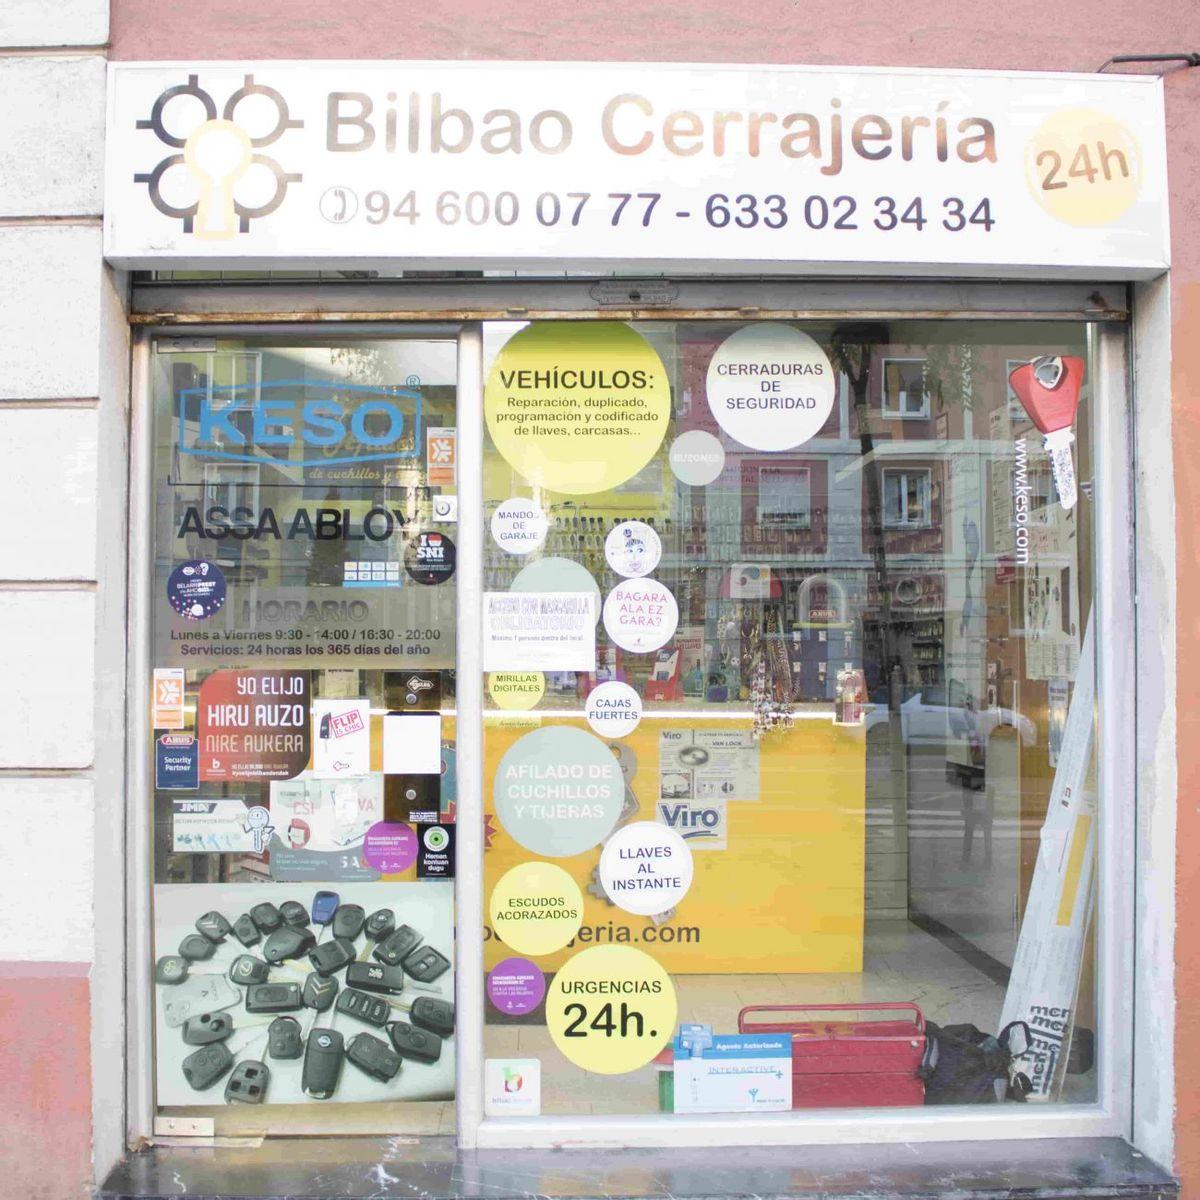 Bilbao Cerrajería, apertura e instalación de cerraduras